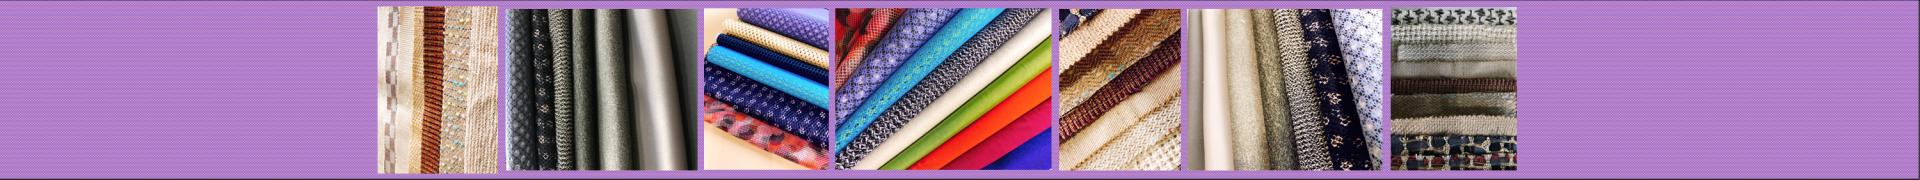 超纖布料,麂皮布料,貼合加工廠,協興企業社,協華興企業有限公司,賈斯特紡織有限公司